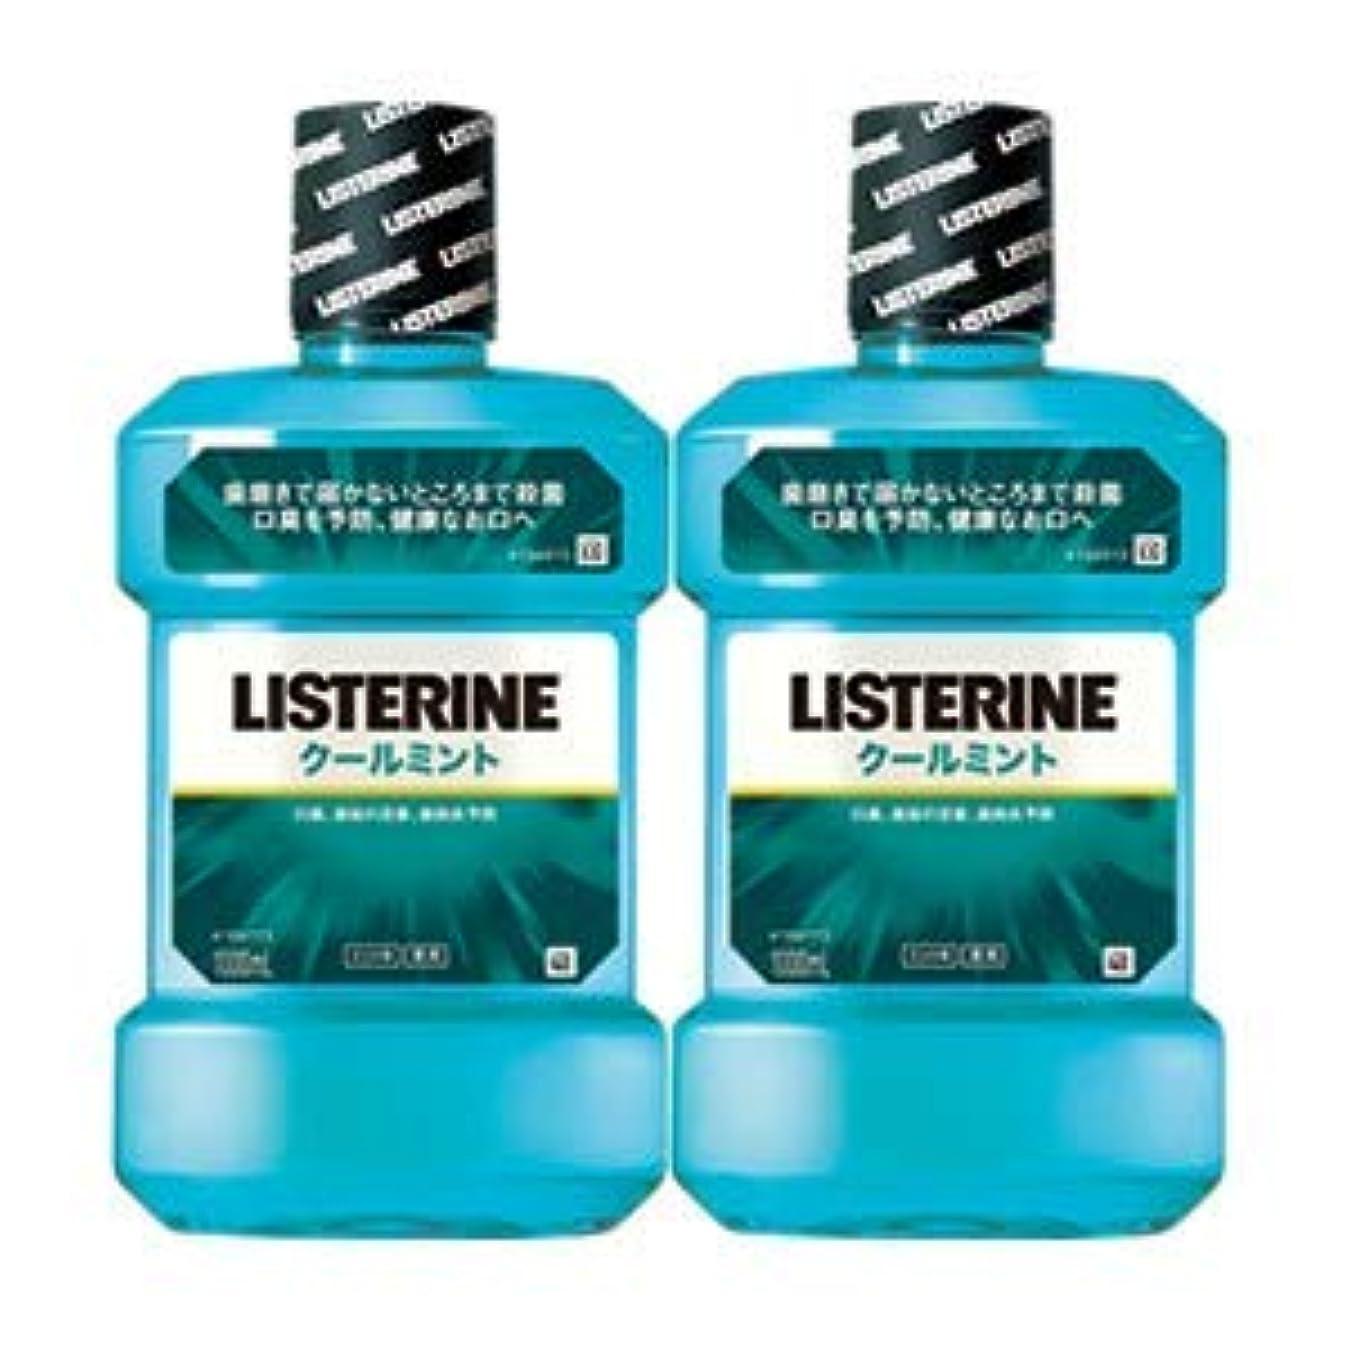 借りているコミットメントうまれた薬用リステリン クールミント (マウスウォッシュ/洗口液) 1000mL×2本セット